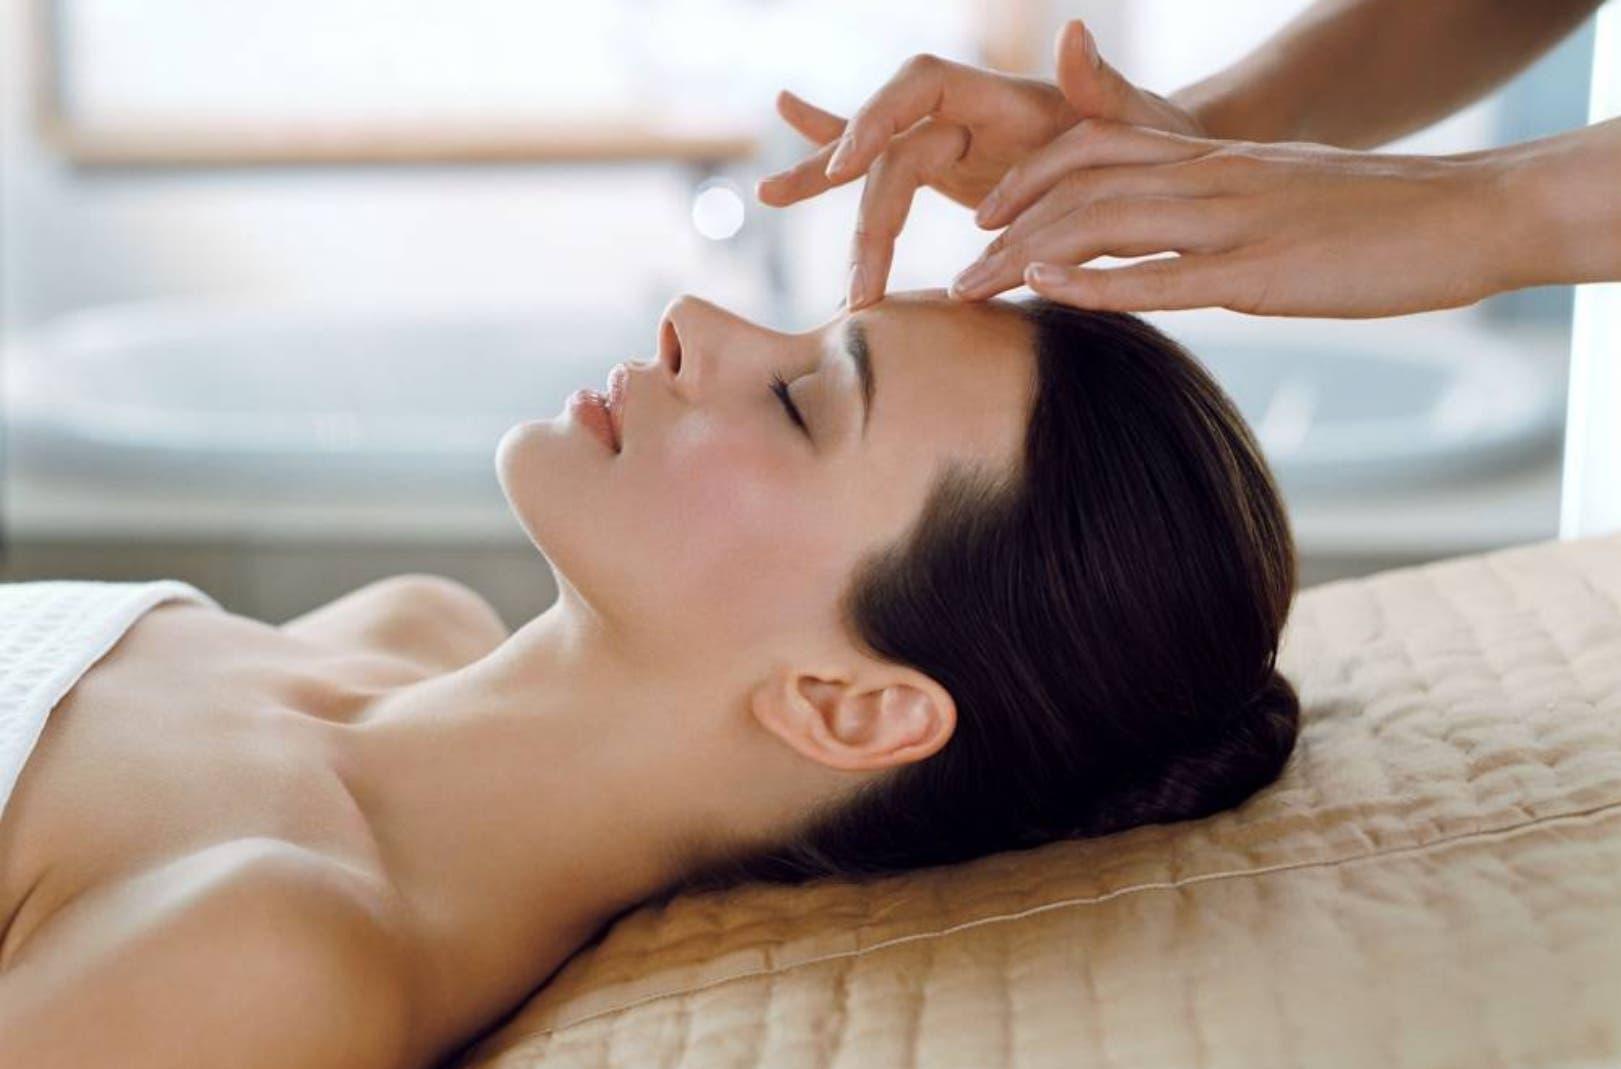 Para lograr la armonía cuerpo y mente se debe recurrir a tratamientos y rutinas que brinden bienestar y salud.